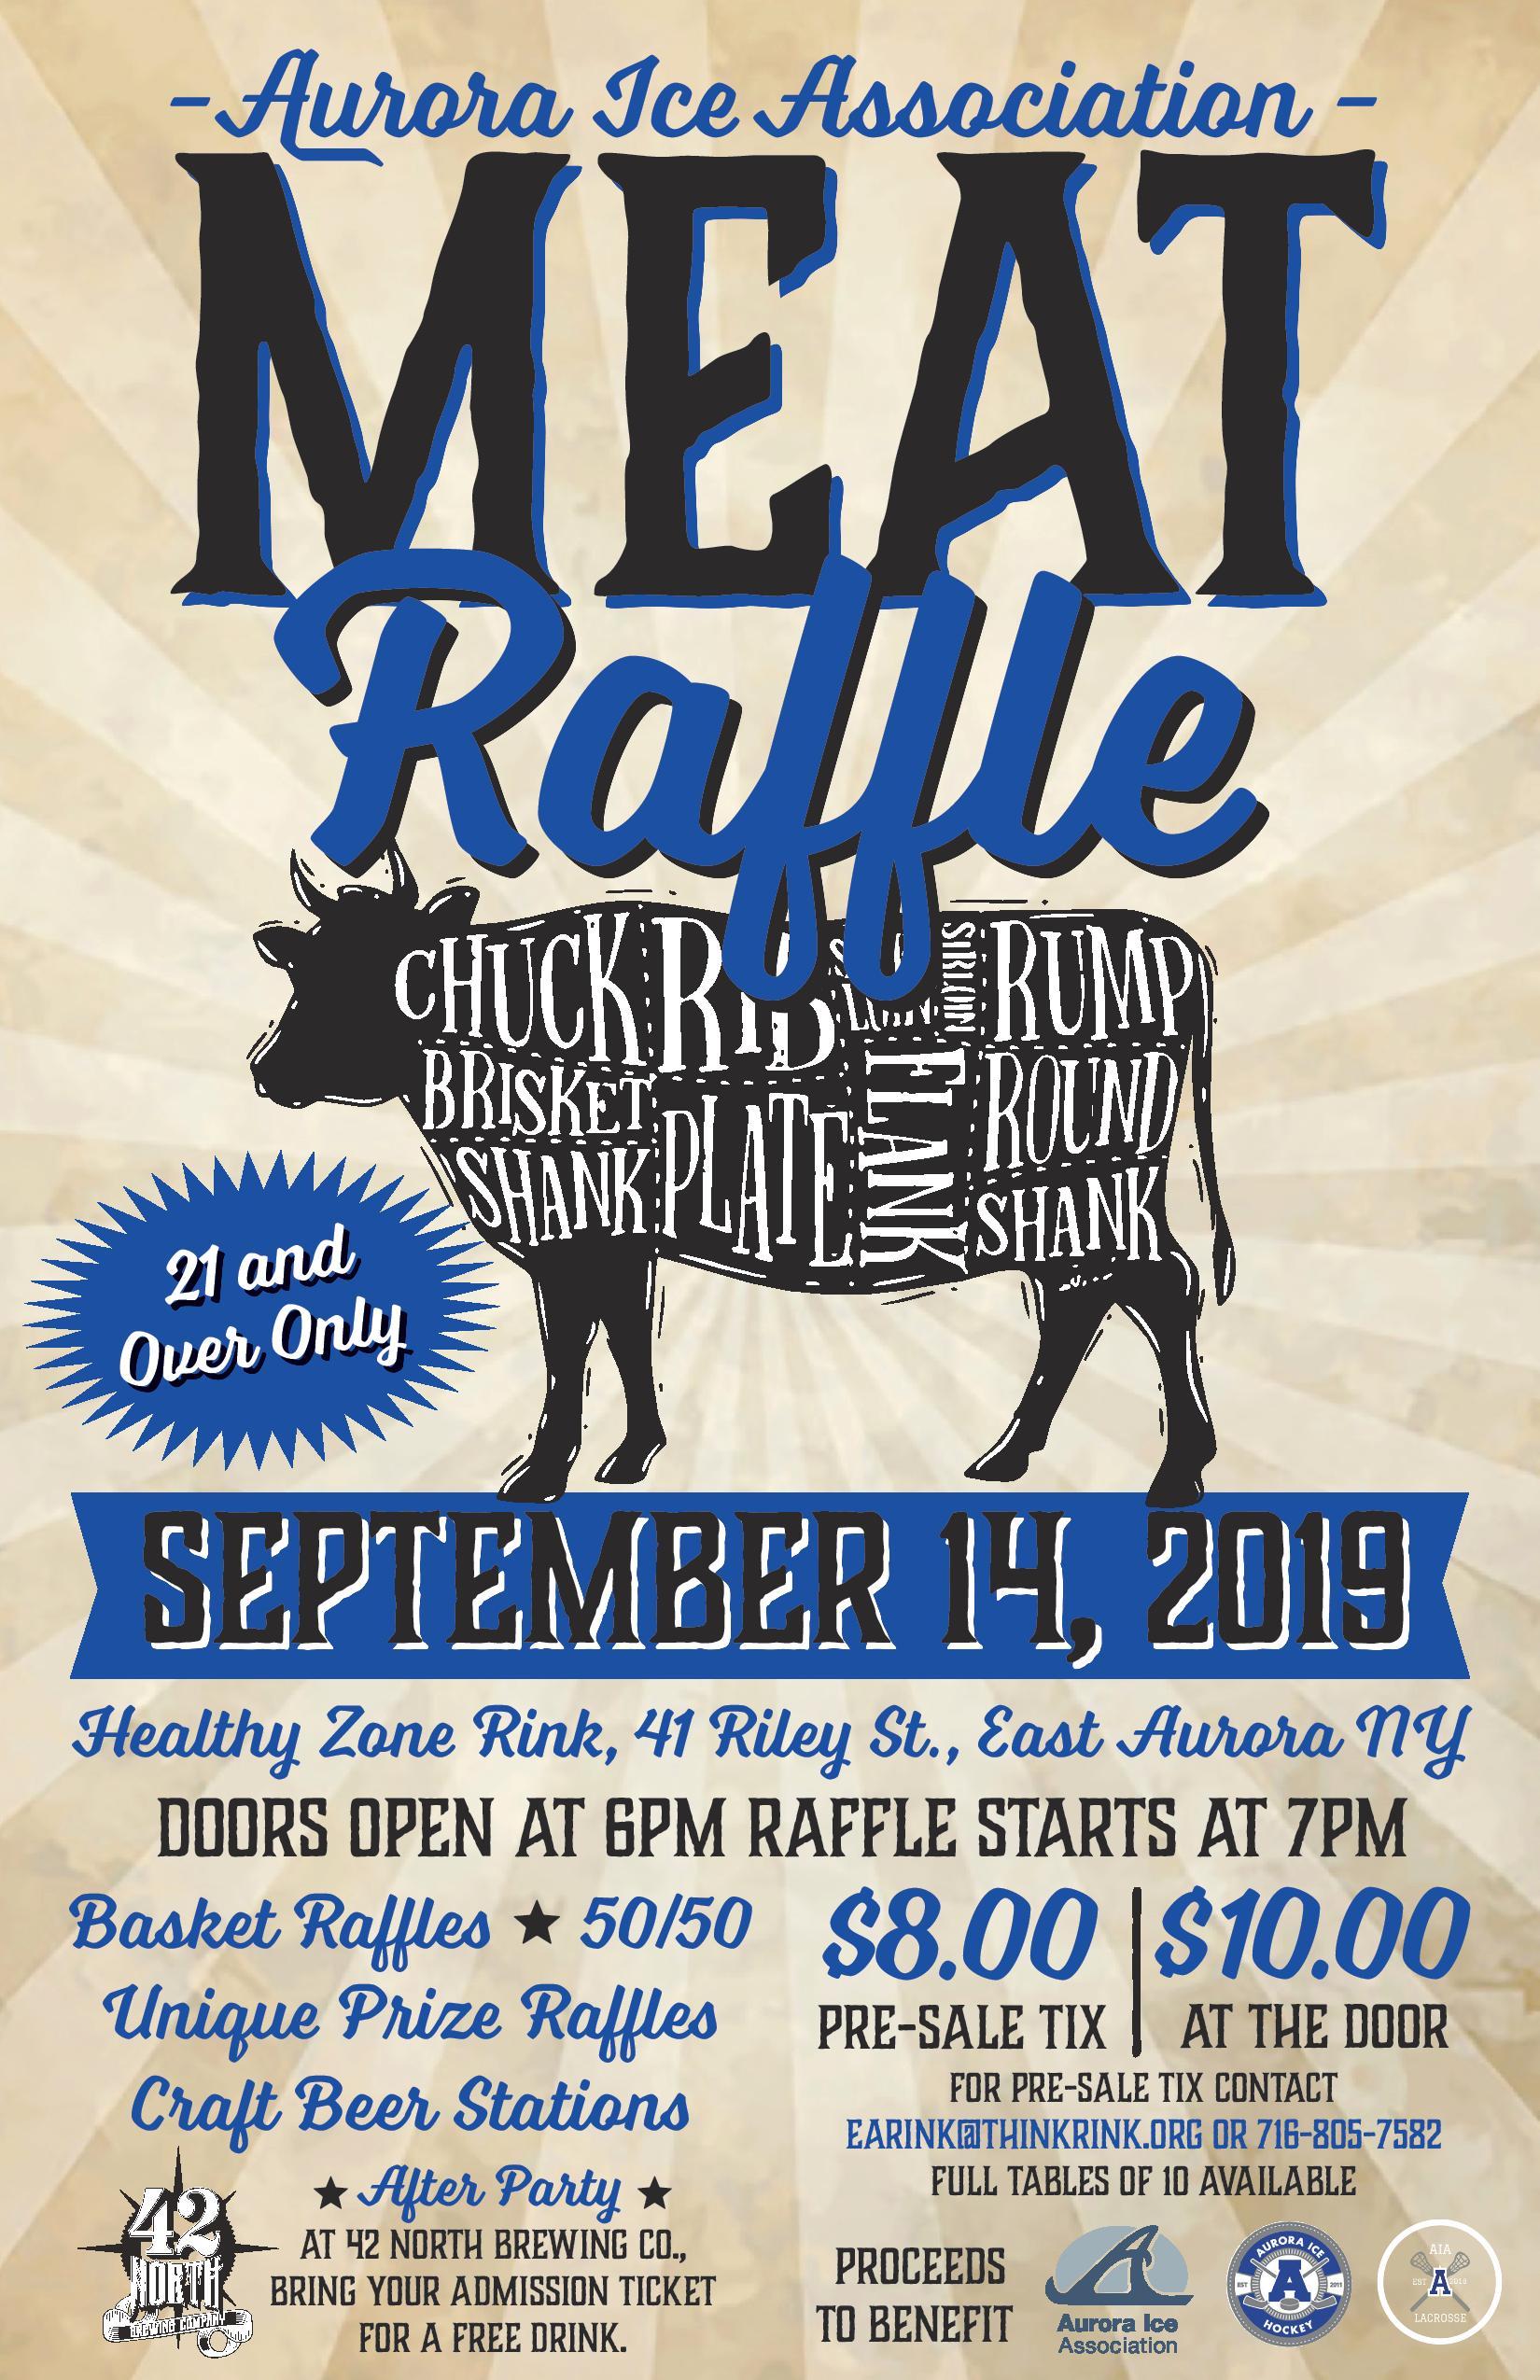 Future Western New York Meat Raffles — WNYMeatRaffles